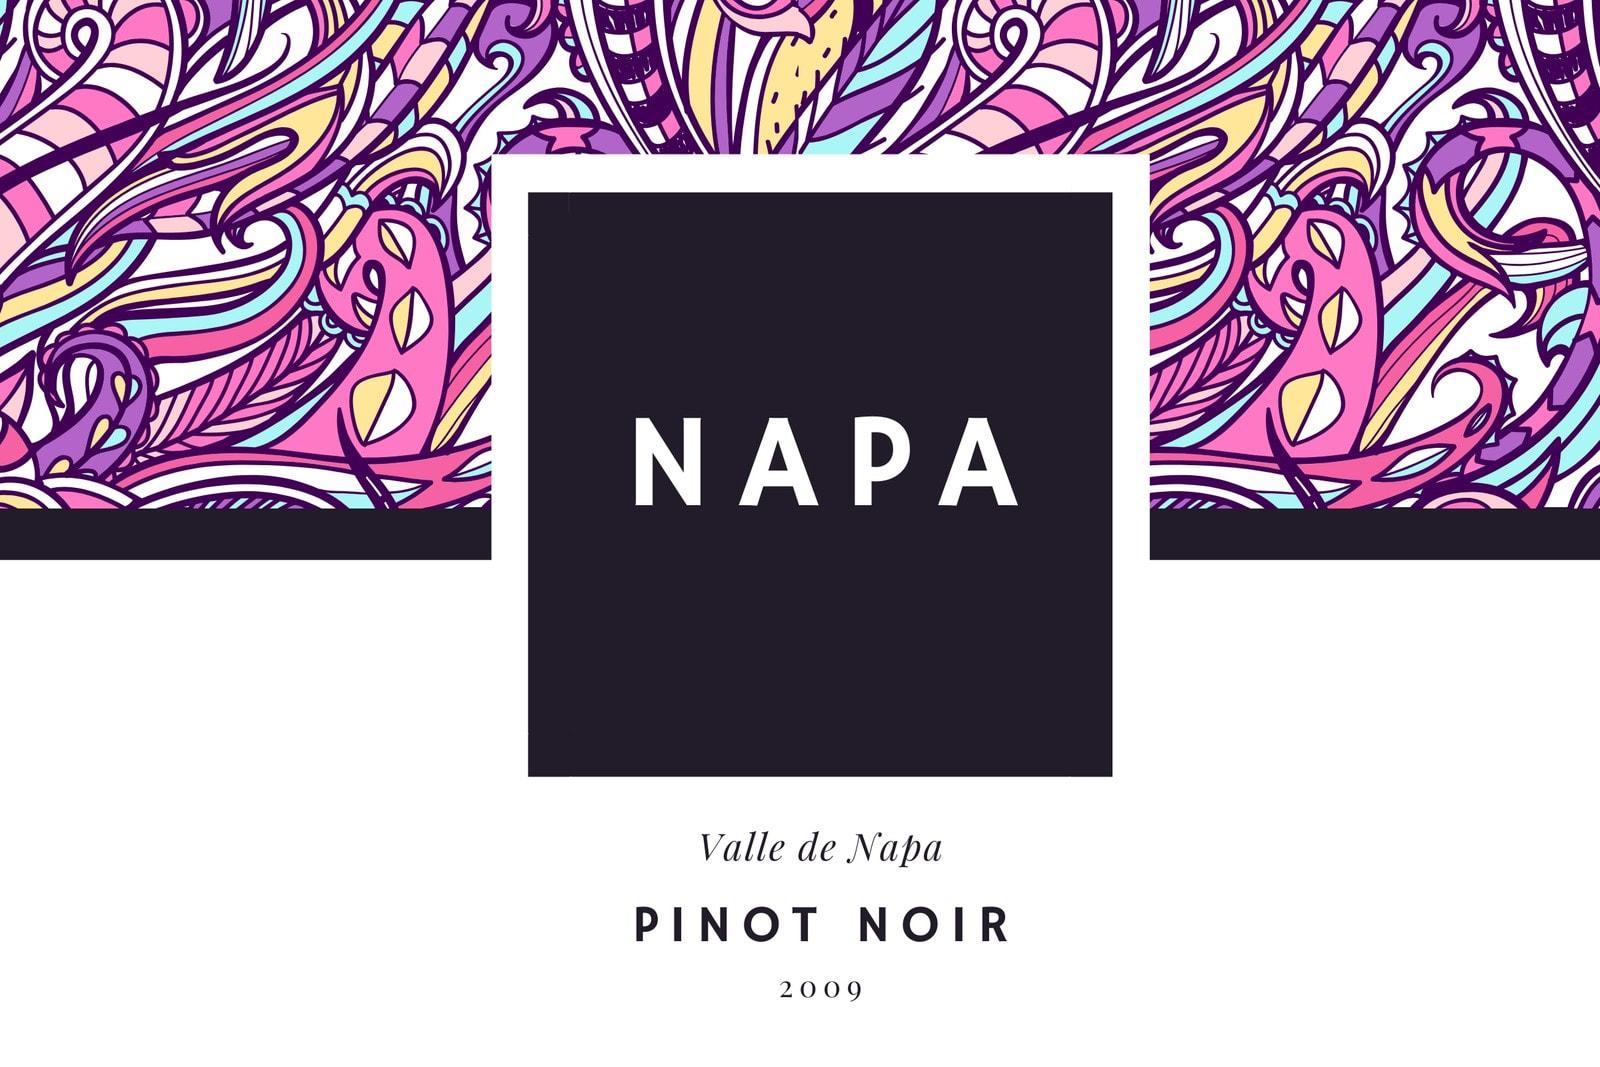 Morado Colorido Cachemir Modelo Impresión Vino Producto Etiqueta